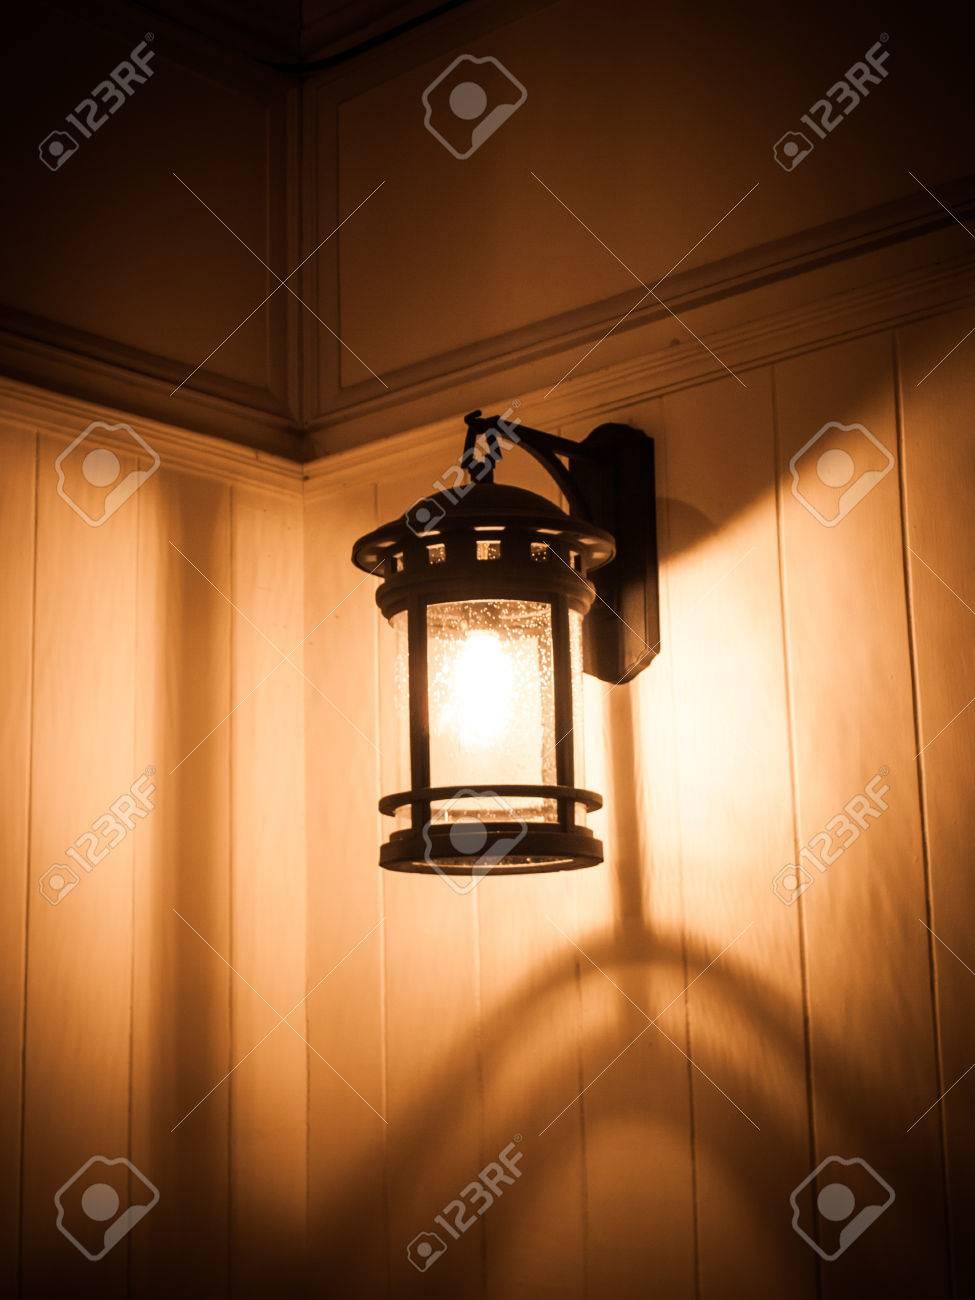 Eisen Lampe retro schwarzen eisen-lampe einschalten gehängt holzwand lizenzfreie